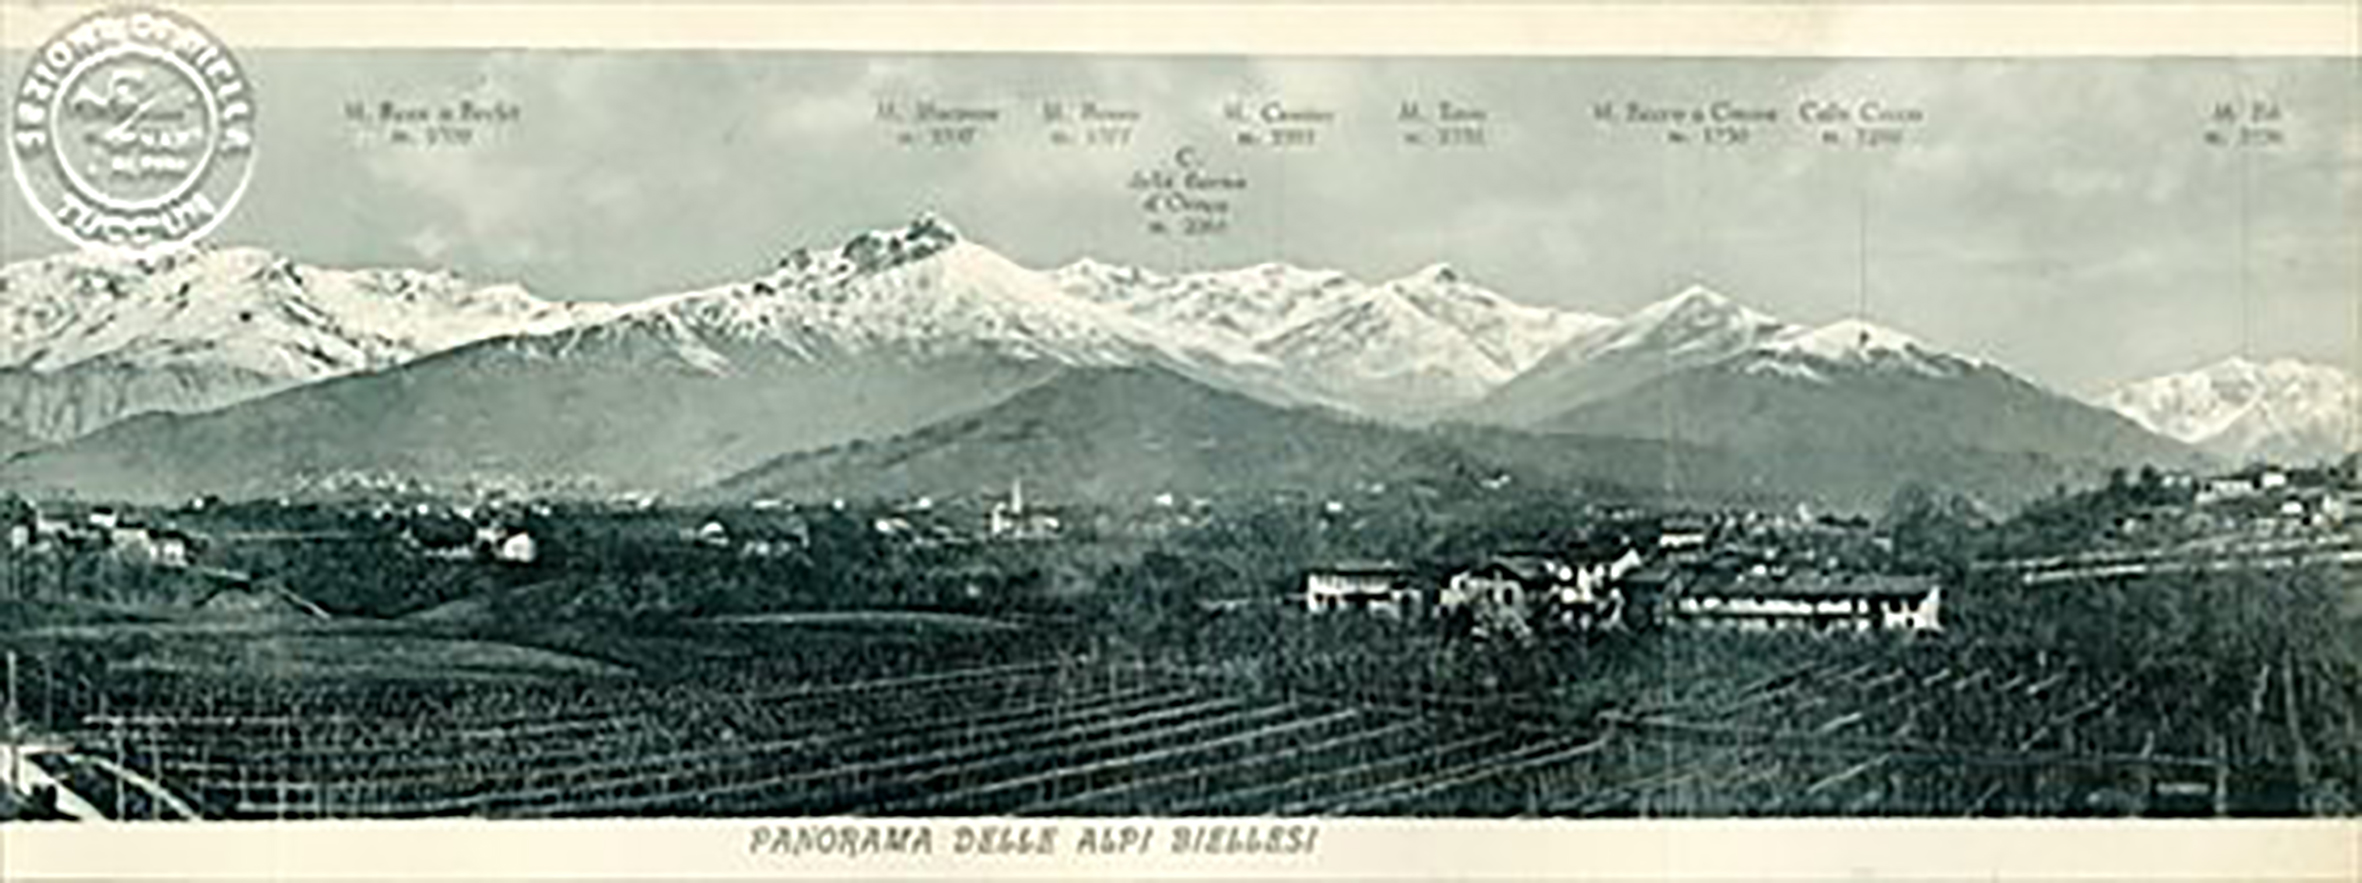 Panorama delle Alpi Biellesi